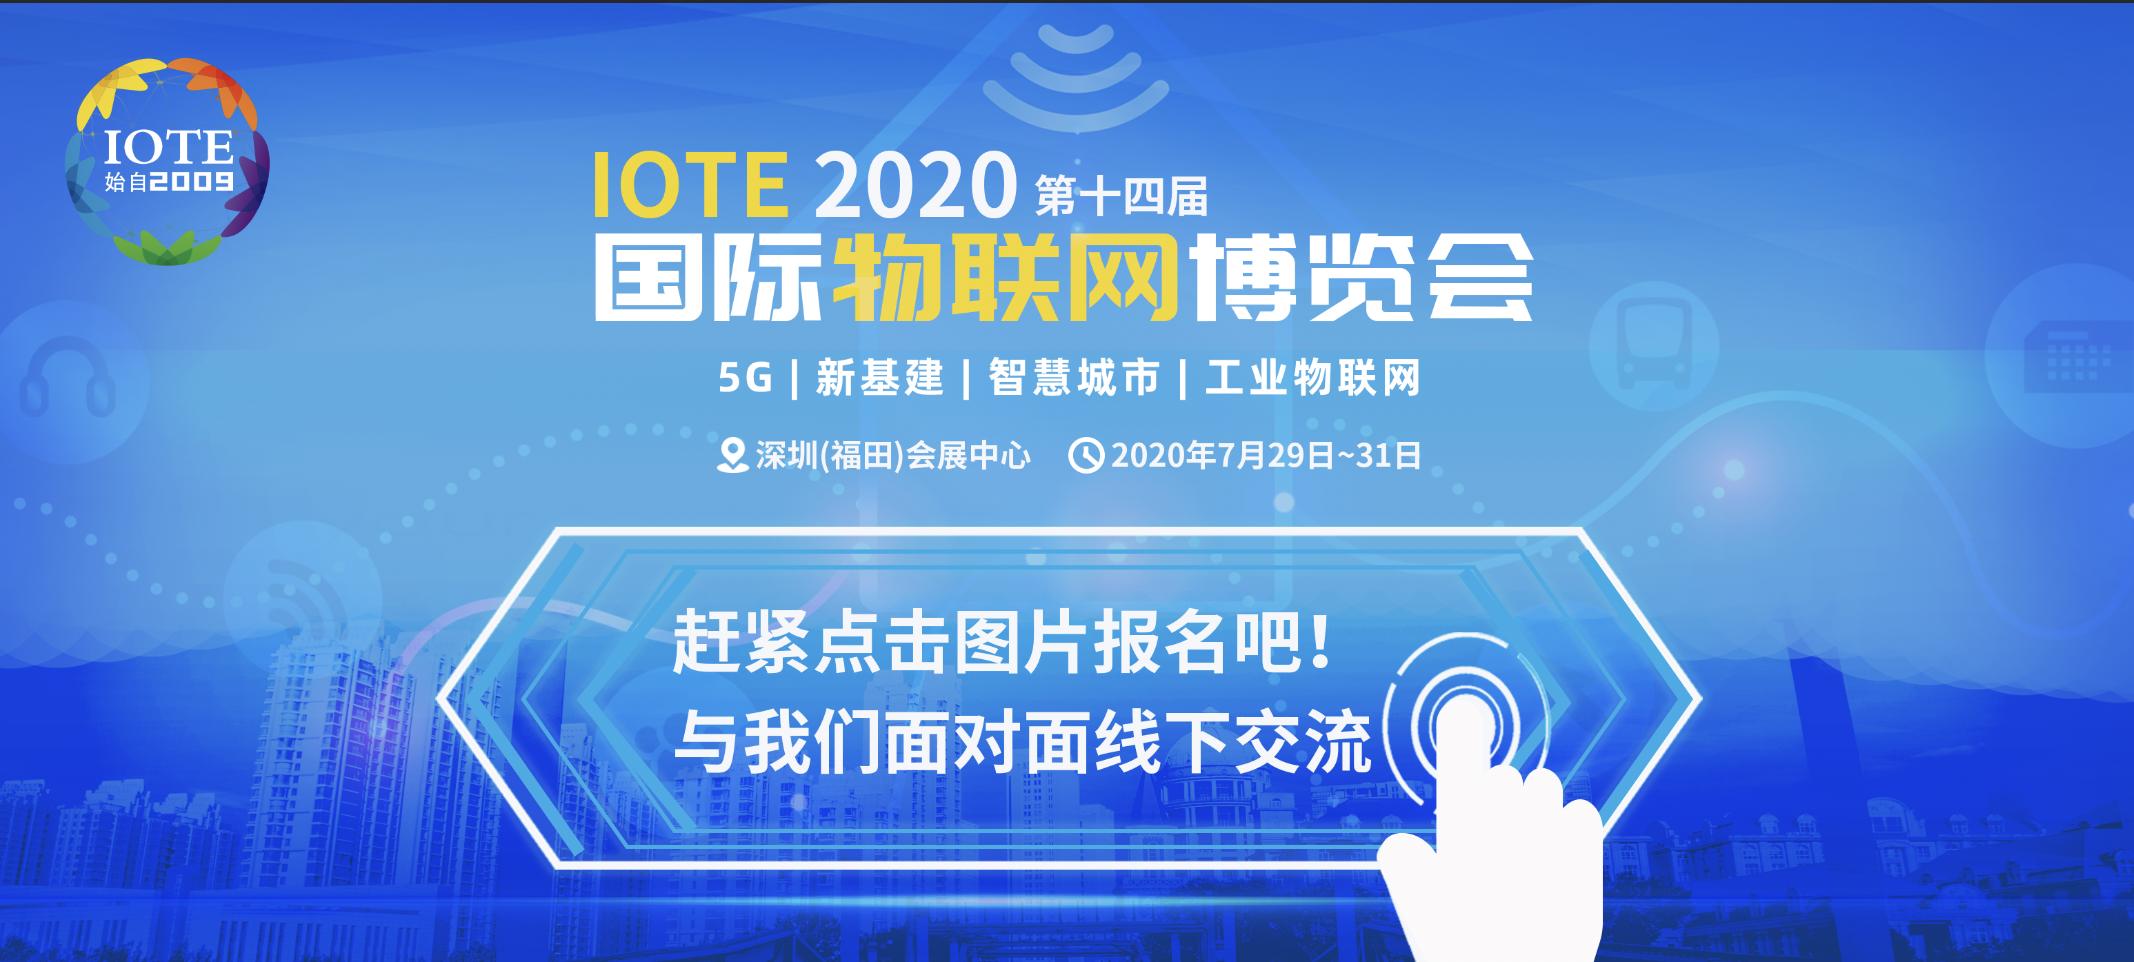 专注于自动化电子设备,友联装备即将精彩亮相IOTE2020深圳国际物联网展